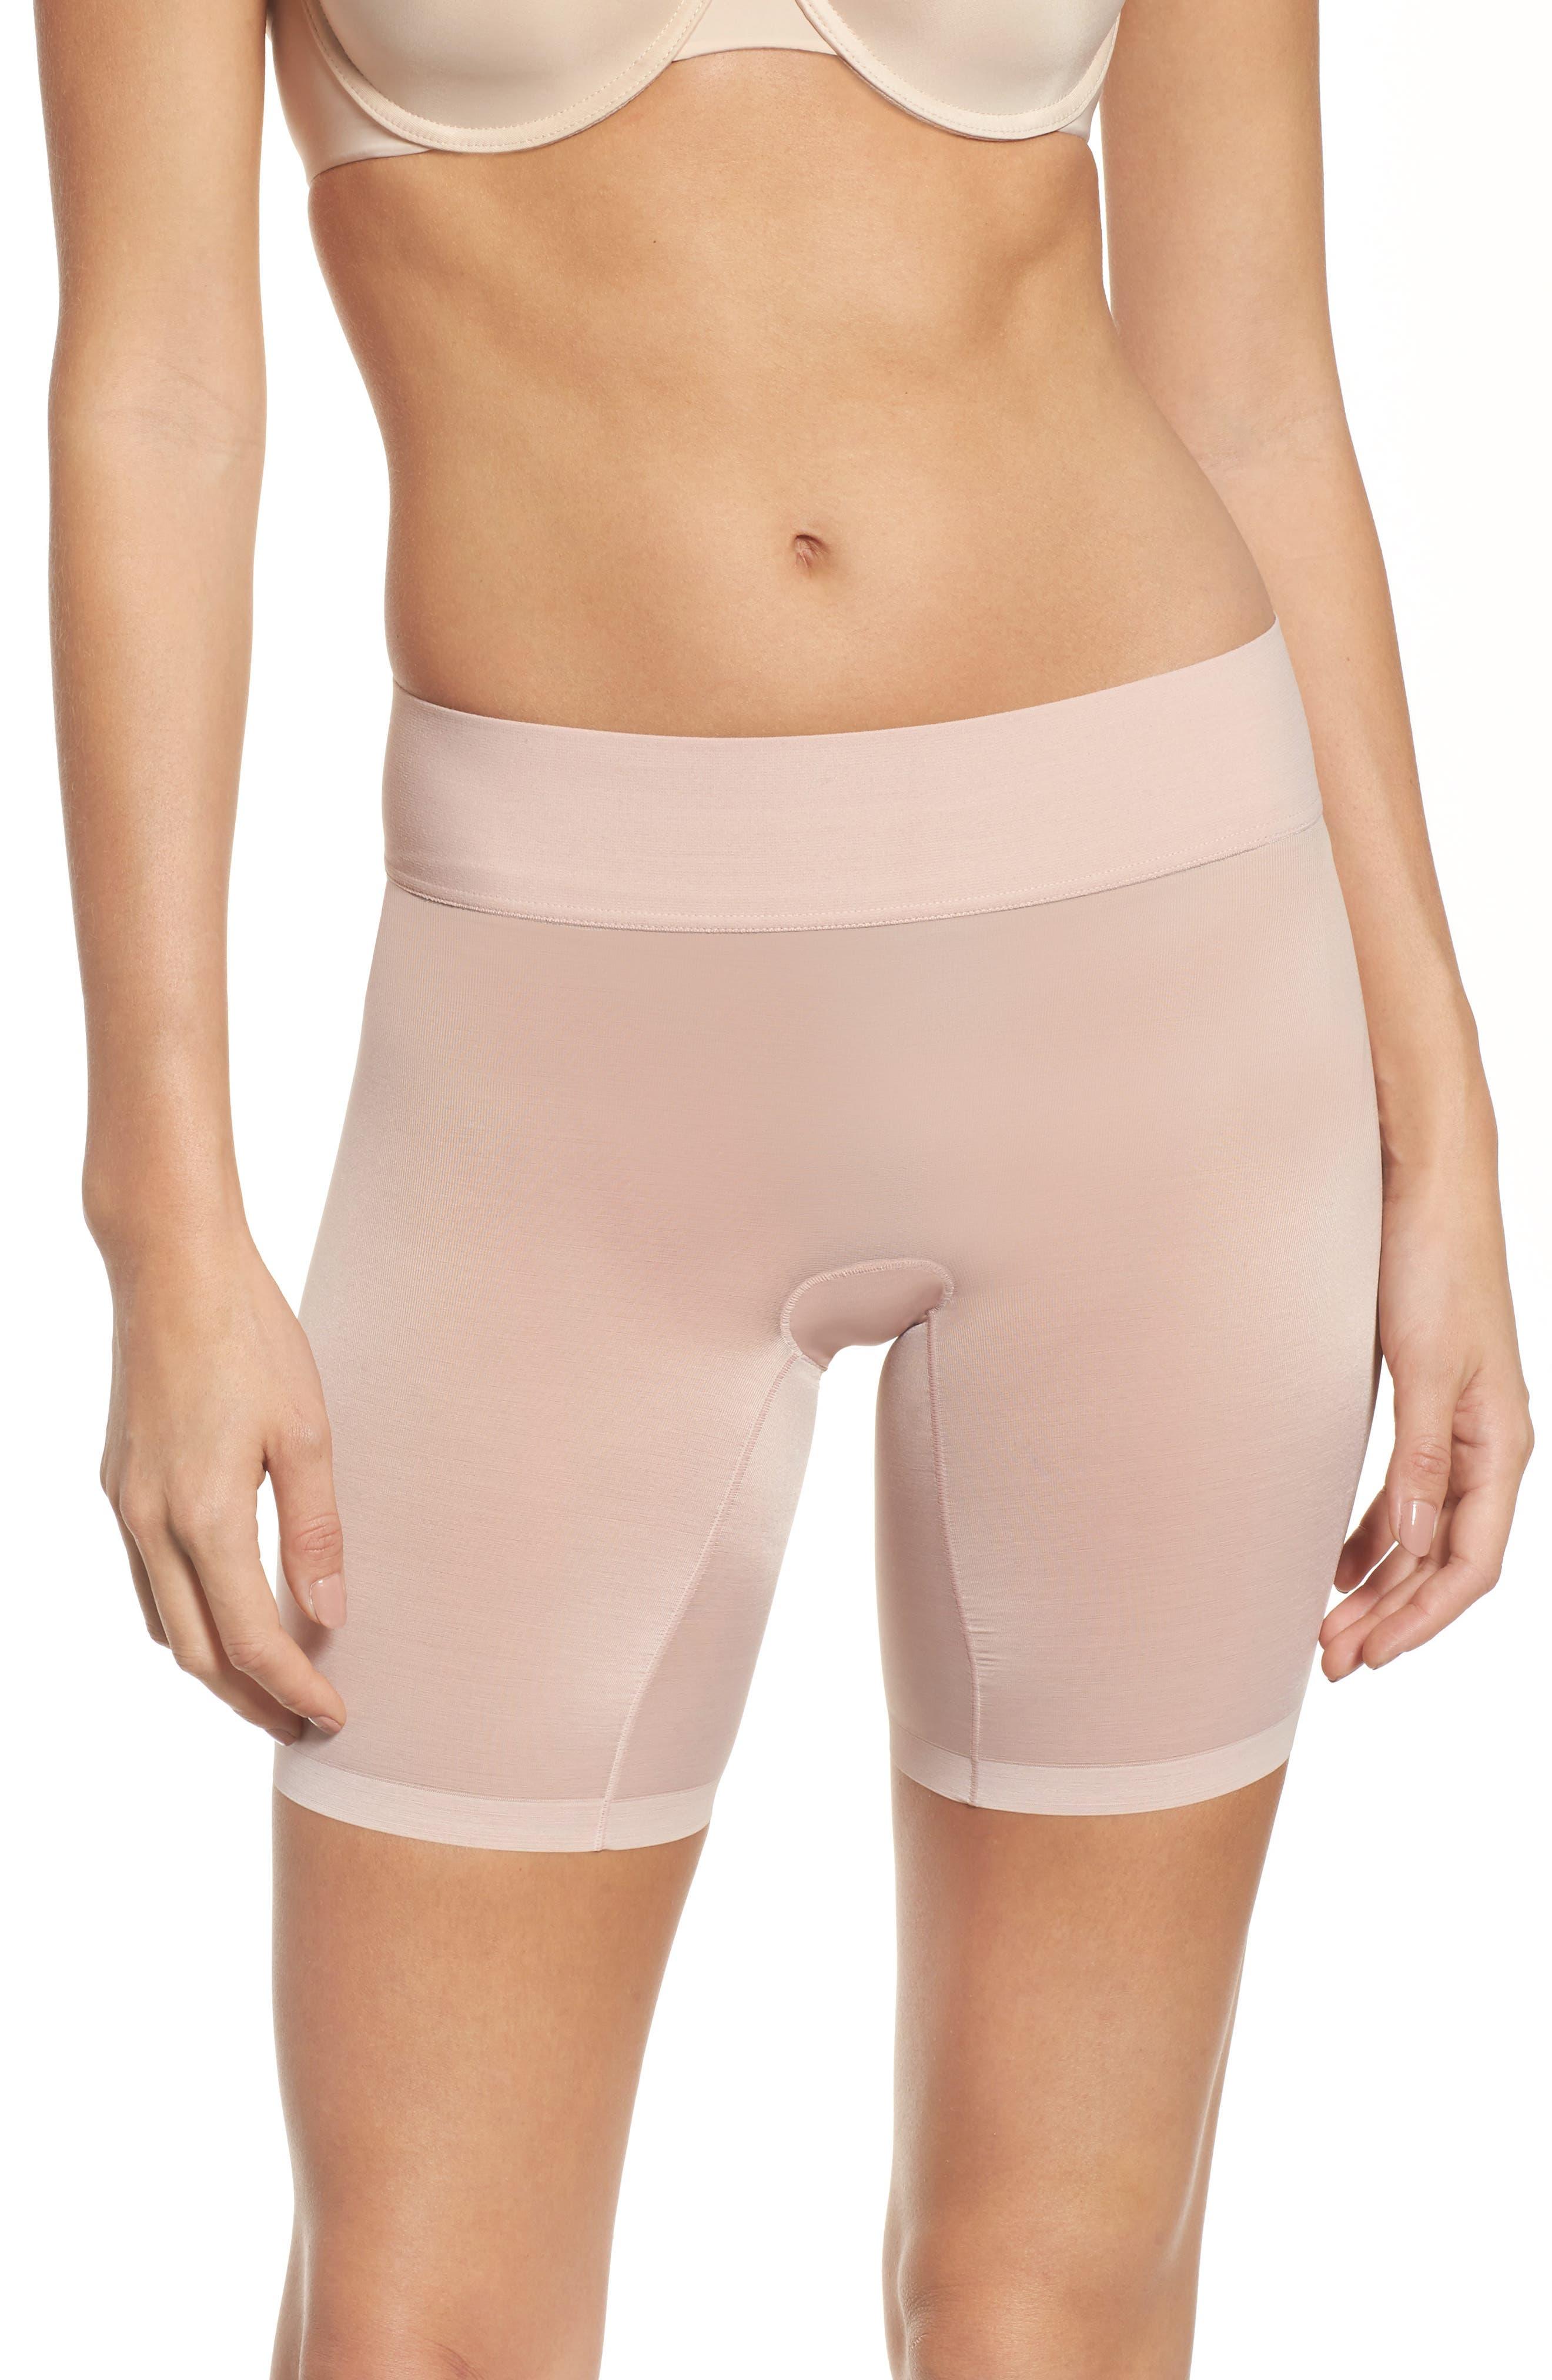 Sheer Touch Control Shorts,                             Main thumbnail 1, color,                             Rosepowder